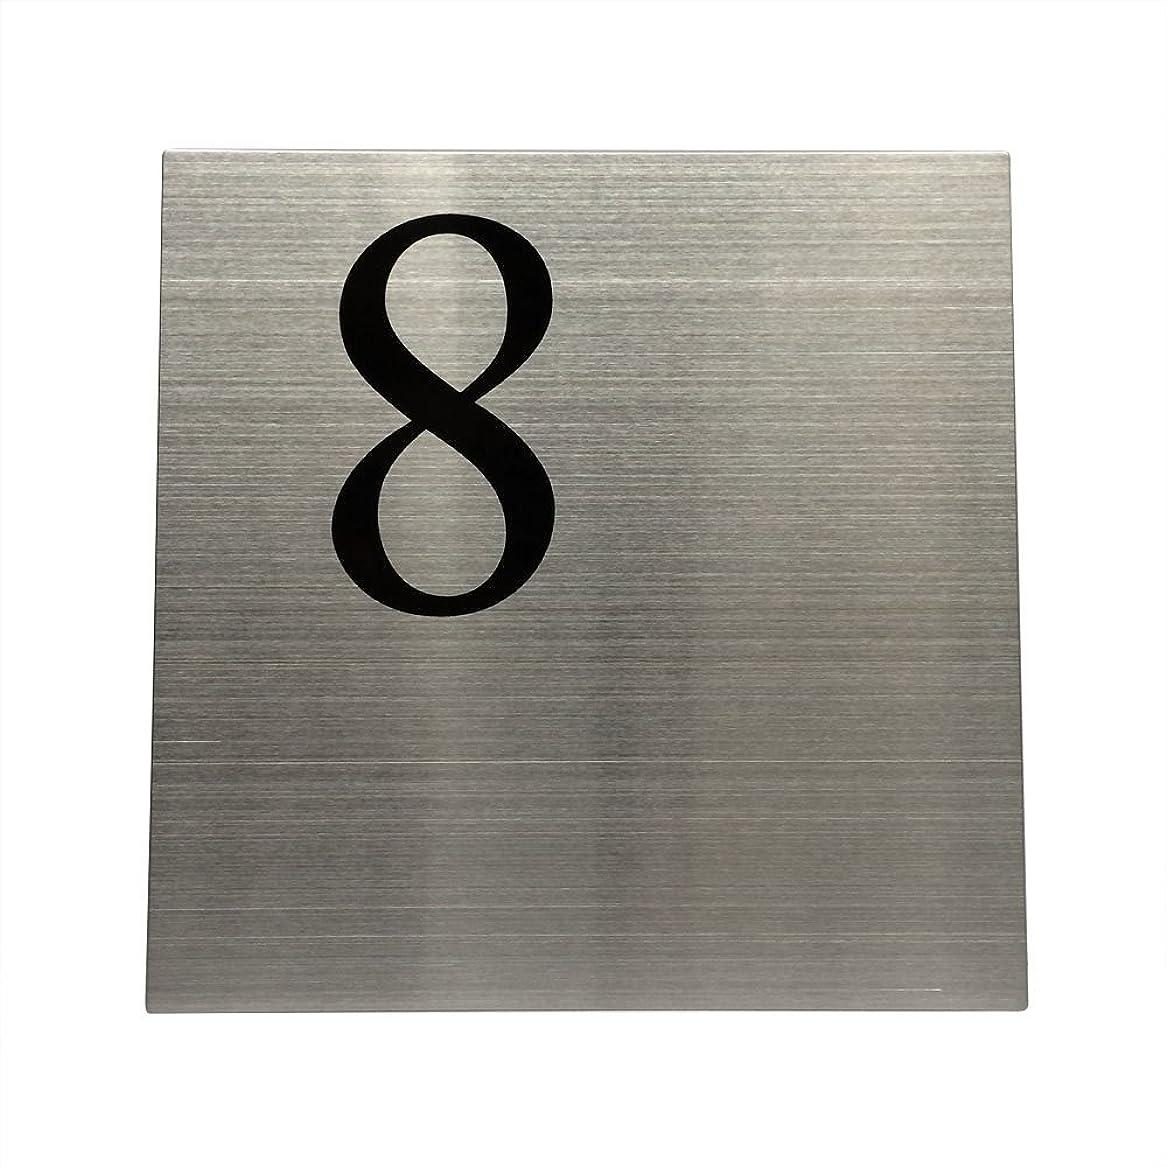 バラエティ指定スクラップ杉田エース AE-813 No.8 階数表示板プレートのみ